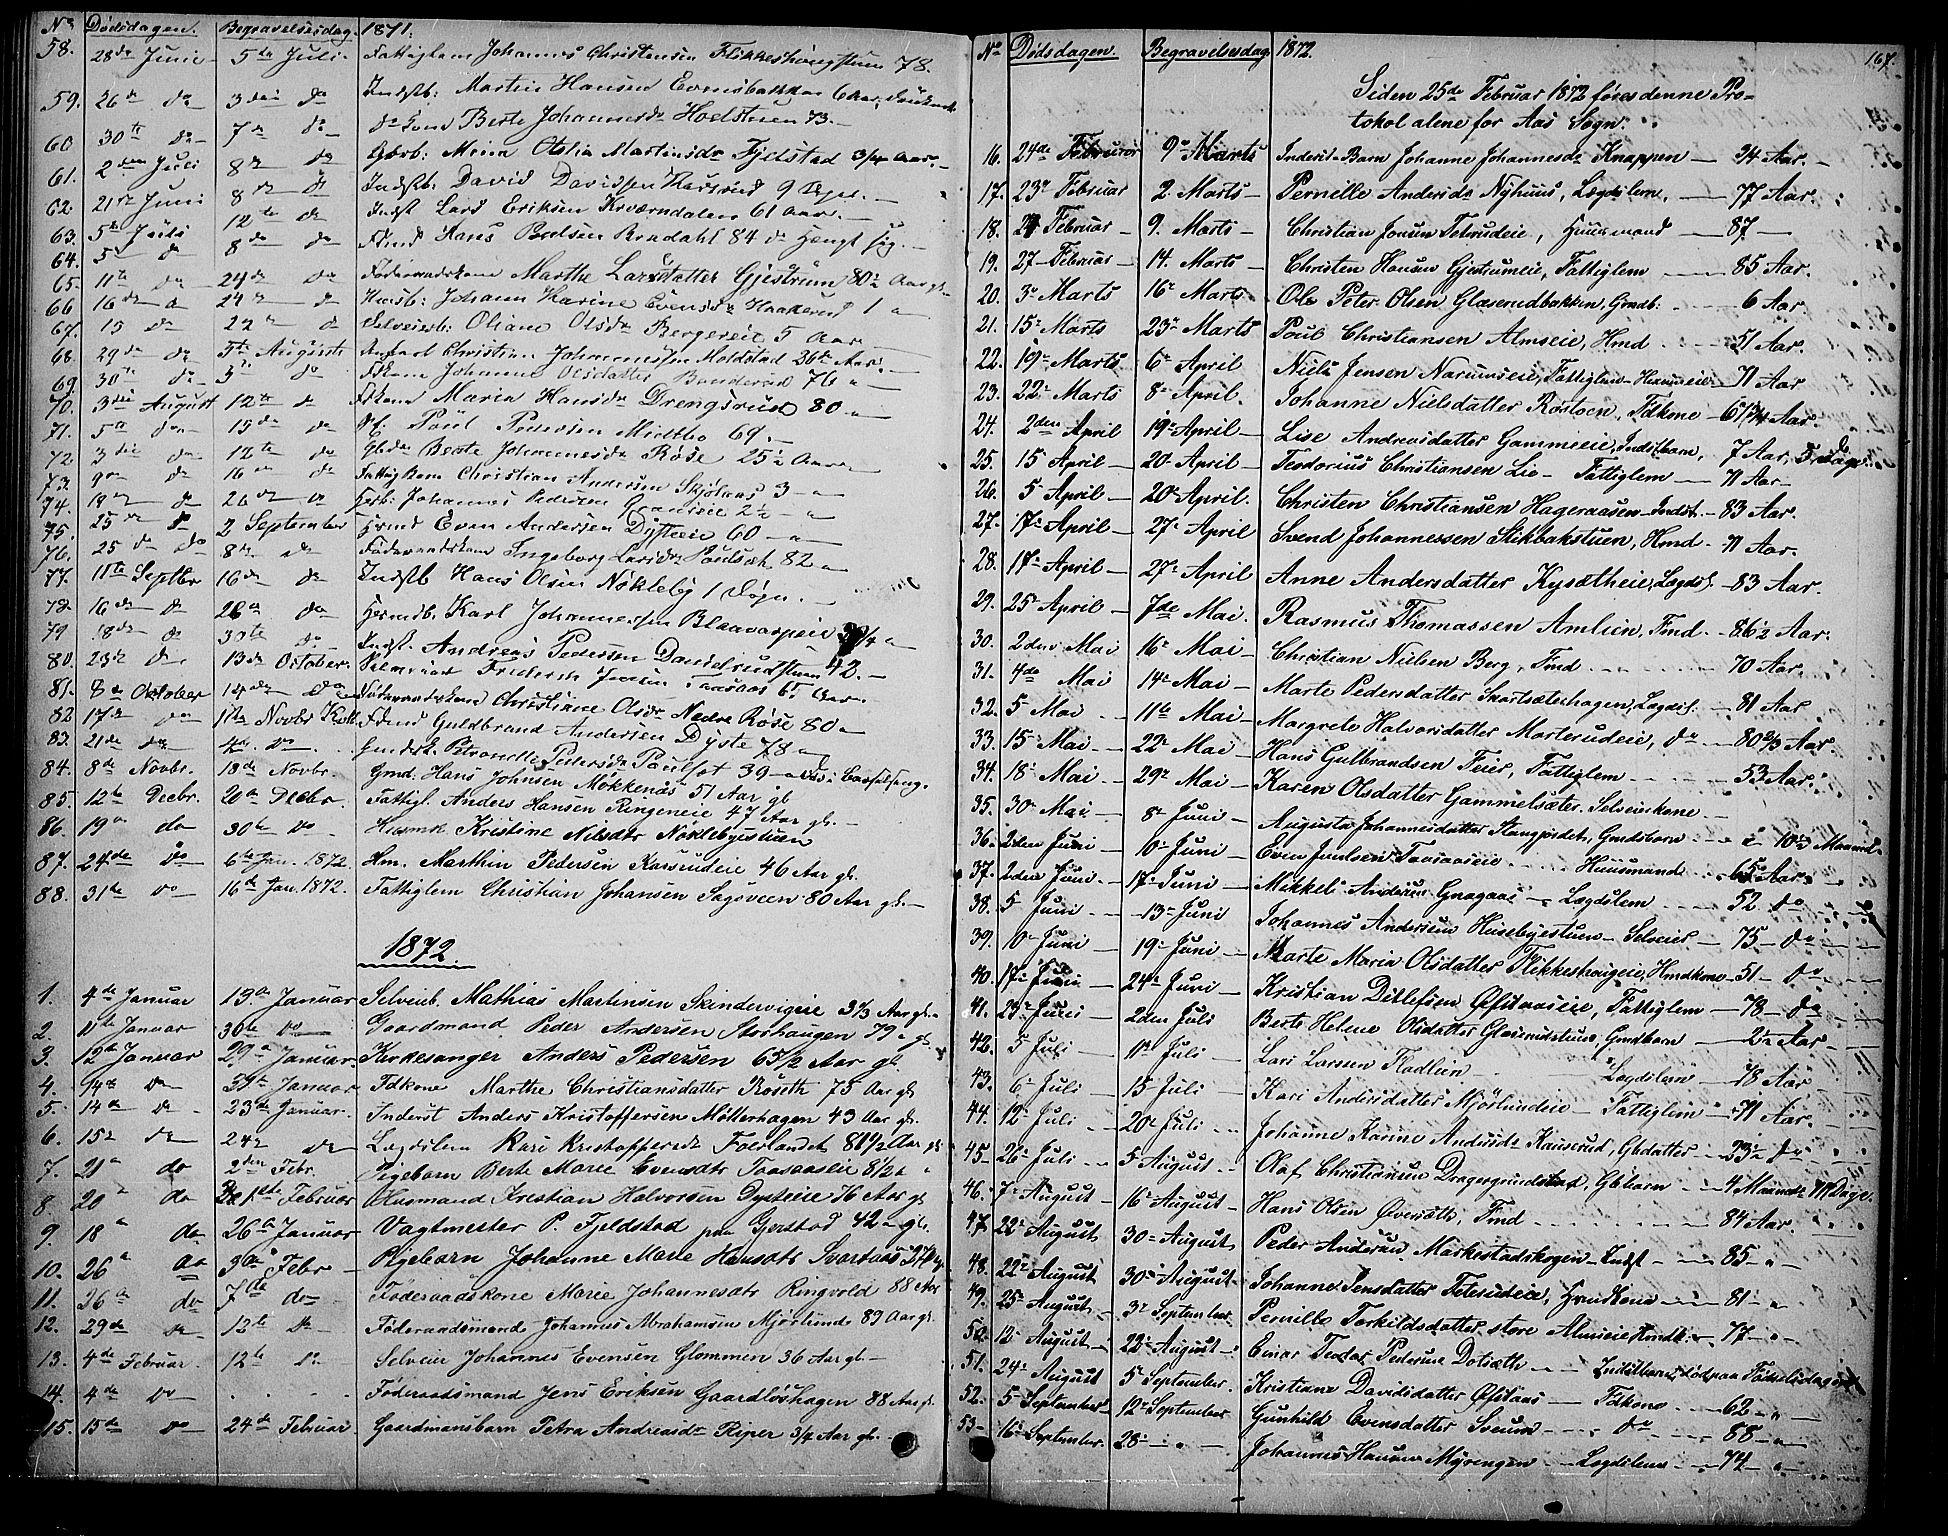 SAH, Vestre Toten prestekontor, Klokkerbok nr. 6, 1870-1887, s. 167